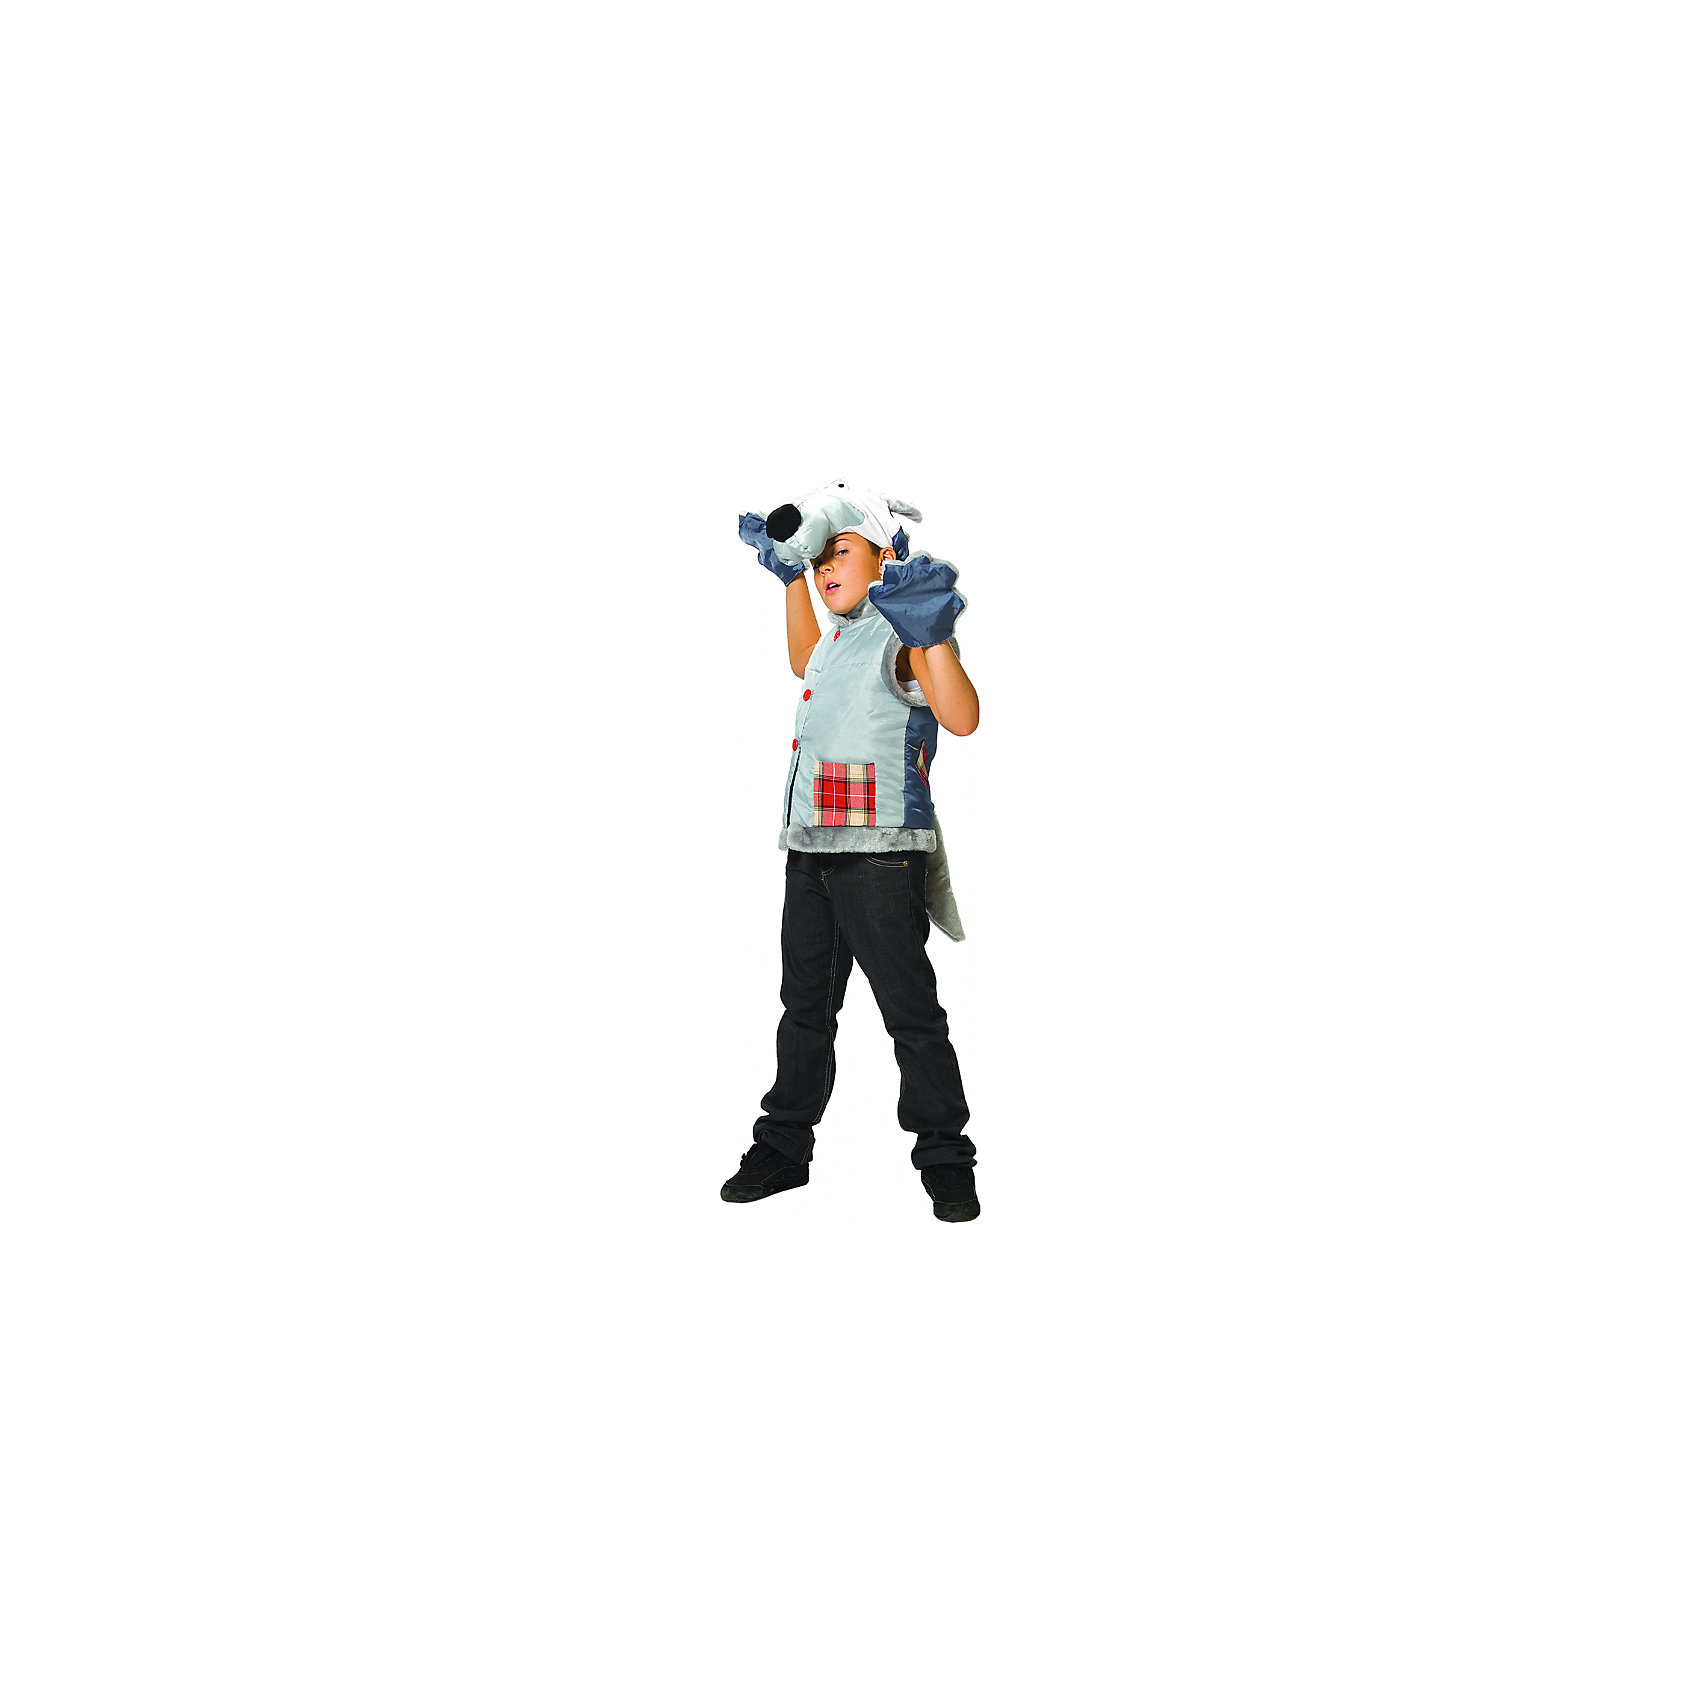 Карнавальный костюм Волк, ВестификаДля мальчиков<br>Детский карнавальный костюм для мальчиков Волк состоит из жилетки, шапоки-маски и варежек. Жилетка выполнена из тафеты, оторочена искусственным мехом, посажена на подкладку и подбита синтепоном. Жилетка украшена крупными пуговицами и кармашками из клетчатой ткани.<br><br>- В комплекте <br>Жилетка <br>Шапка<br>Варежки<br><br>- Ткани:<br>Тафета (100% полиэстер)<br>Шотландка (80% полиэстер, 20% шерсть)<br>Синтепон (100% полиэстер)<br>Искусственный мех (100% полиэстер)<br><br>Ширина мм: 450<br>Глубина мм: 80<br>Высота мм: 350<br>Вес г: 250<br>Цвет: разноцветный<br>Возраст от месяцев: 60<br>Возраст до месяцев: 84<br>Пол: Мужской<br>Возраст: Детский<br>Размер: 110/122<br>SKU: 5159015